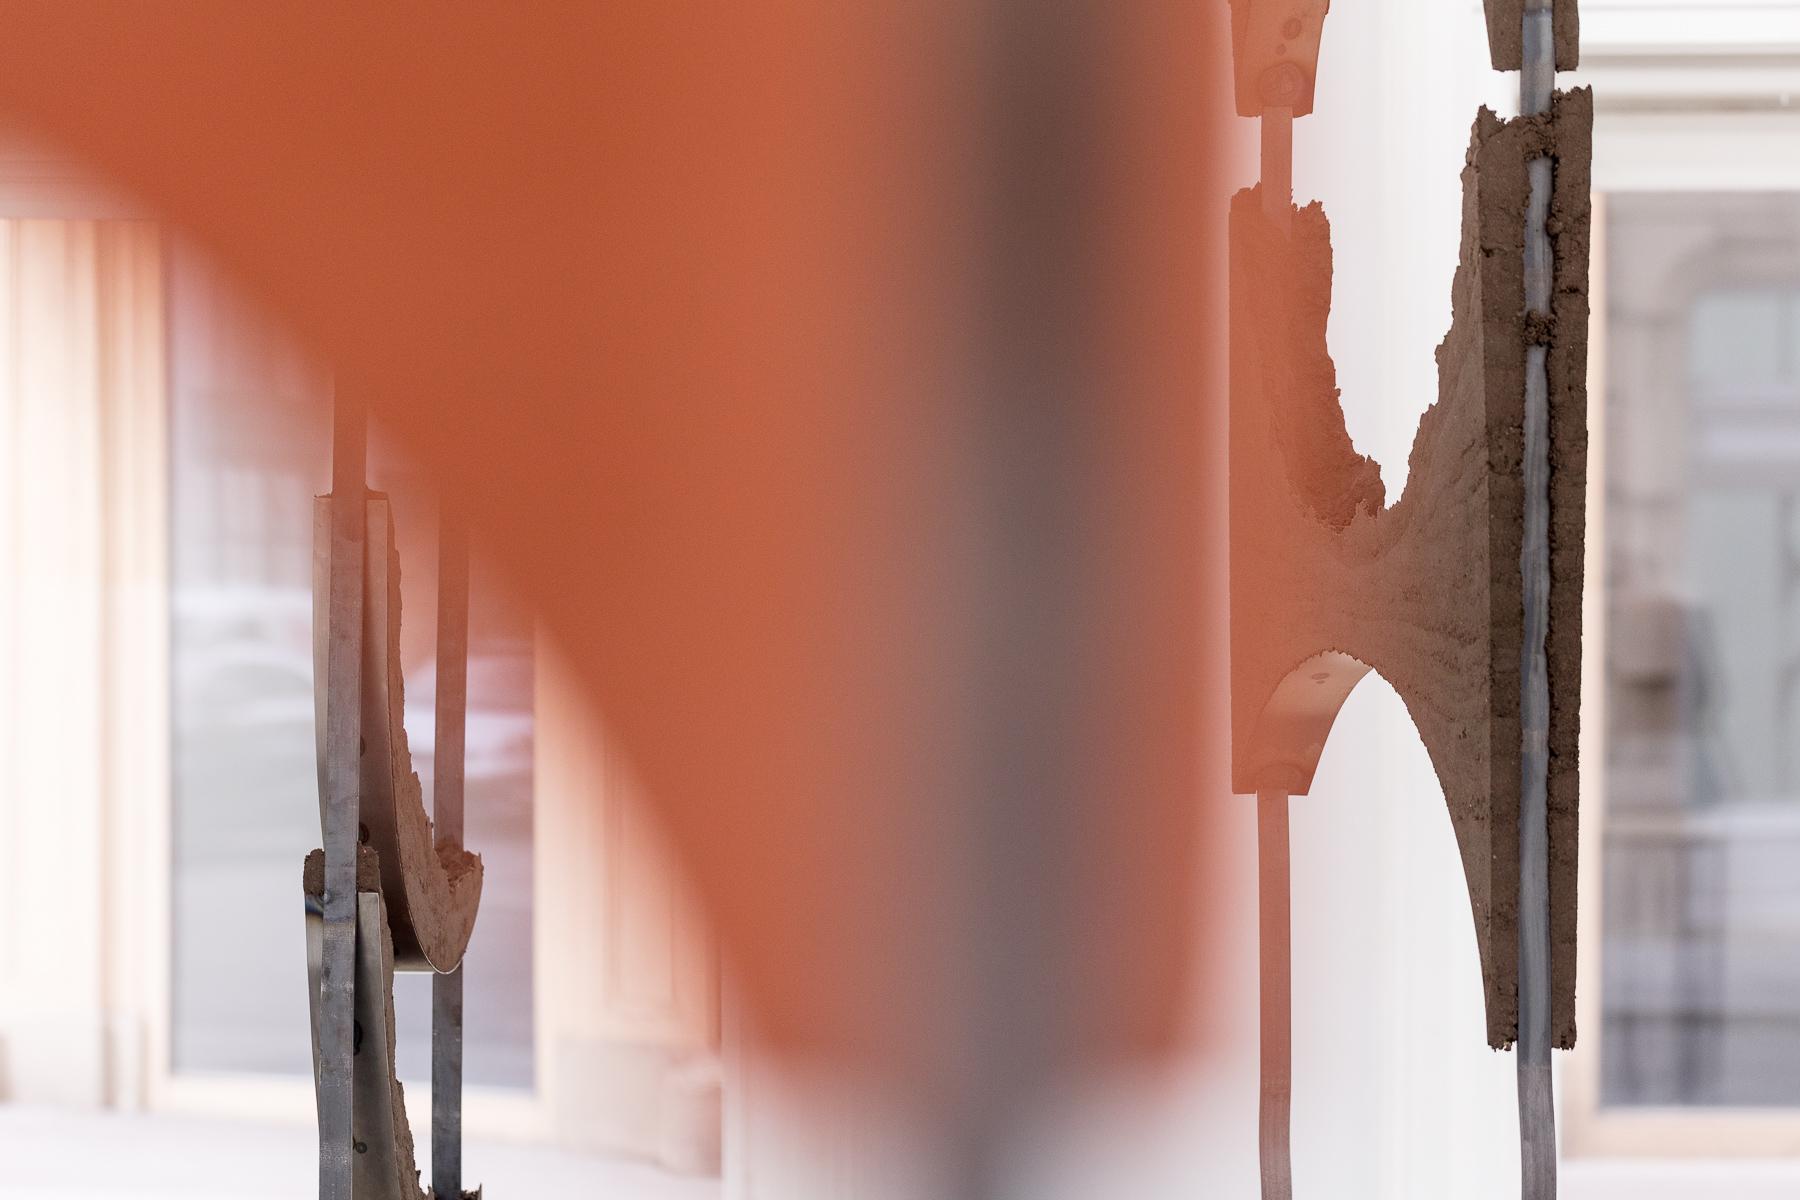 Angelika Loderer at Sophie Tappeiner Gallery_by Kunst-Dokumentation.com_037_web.jpg